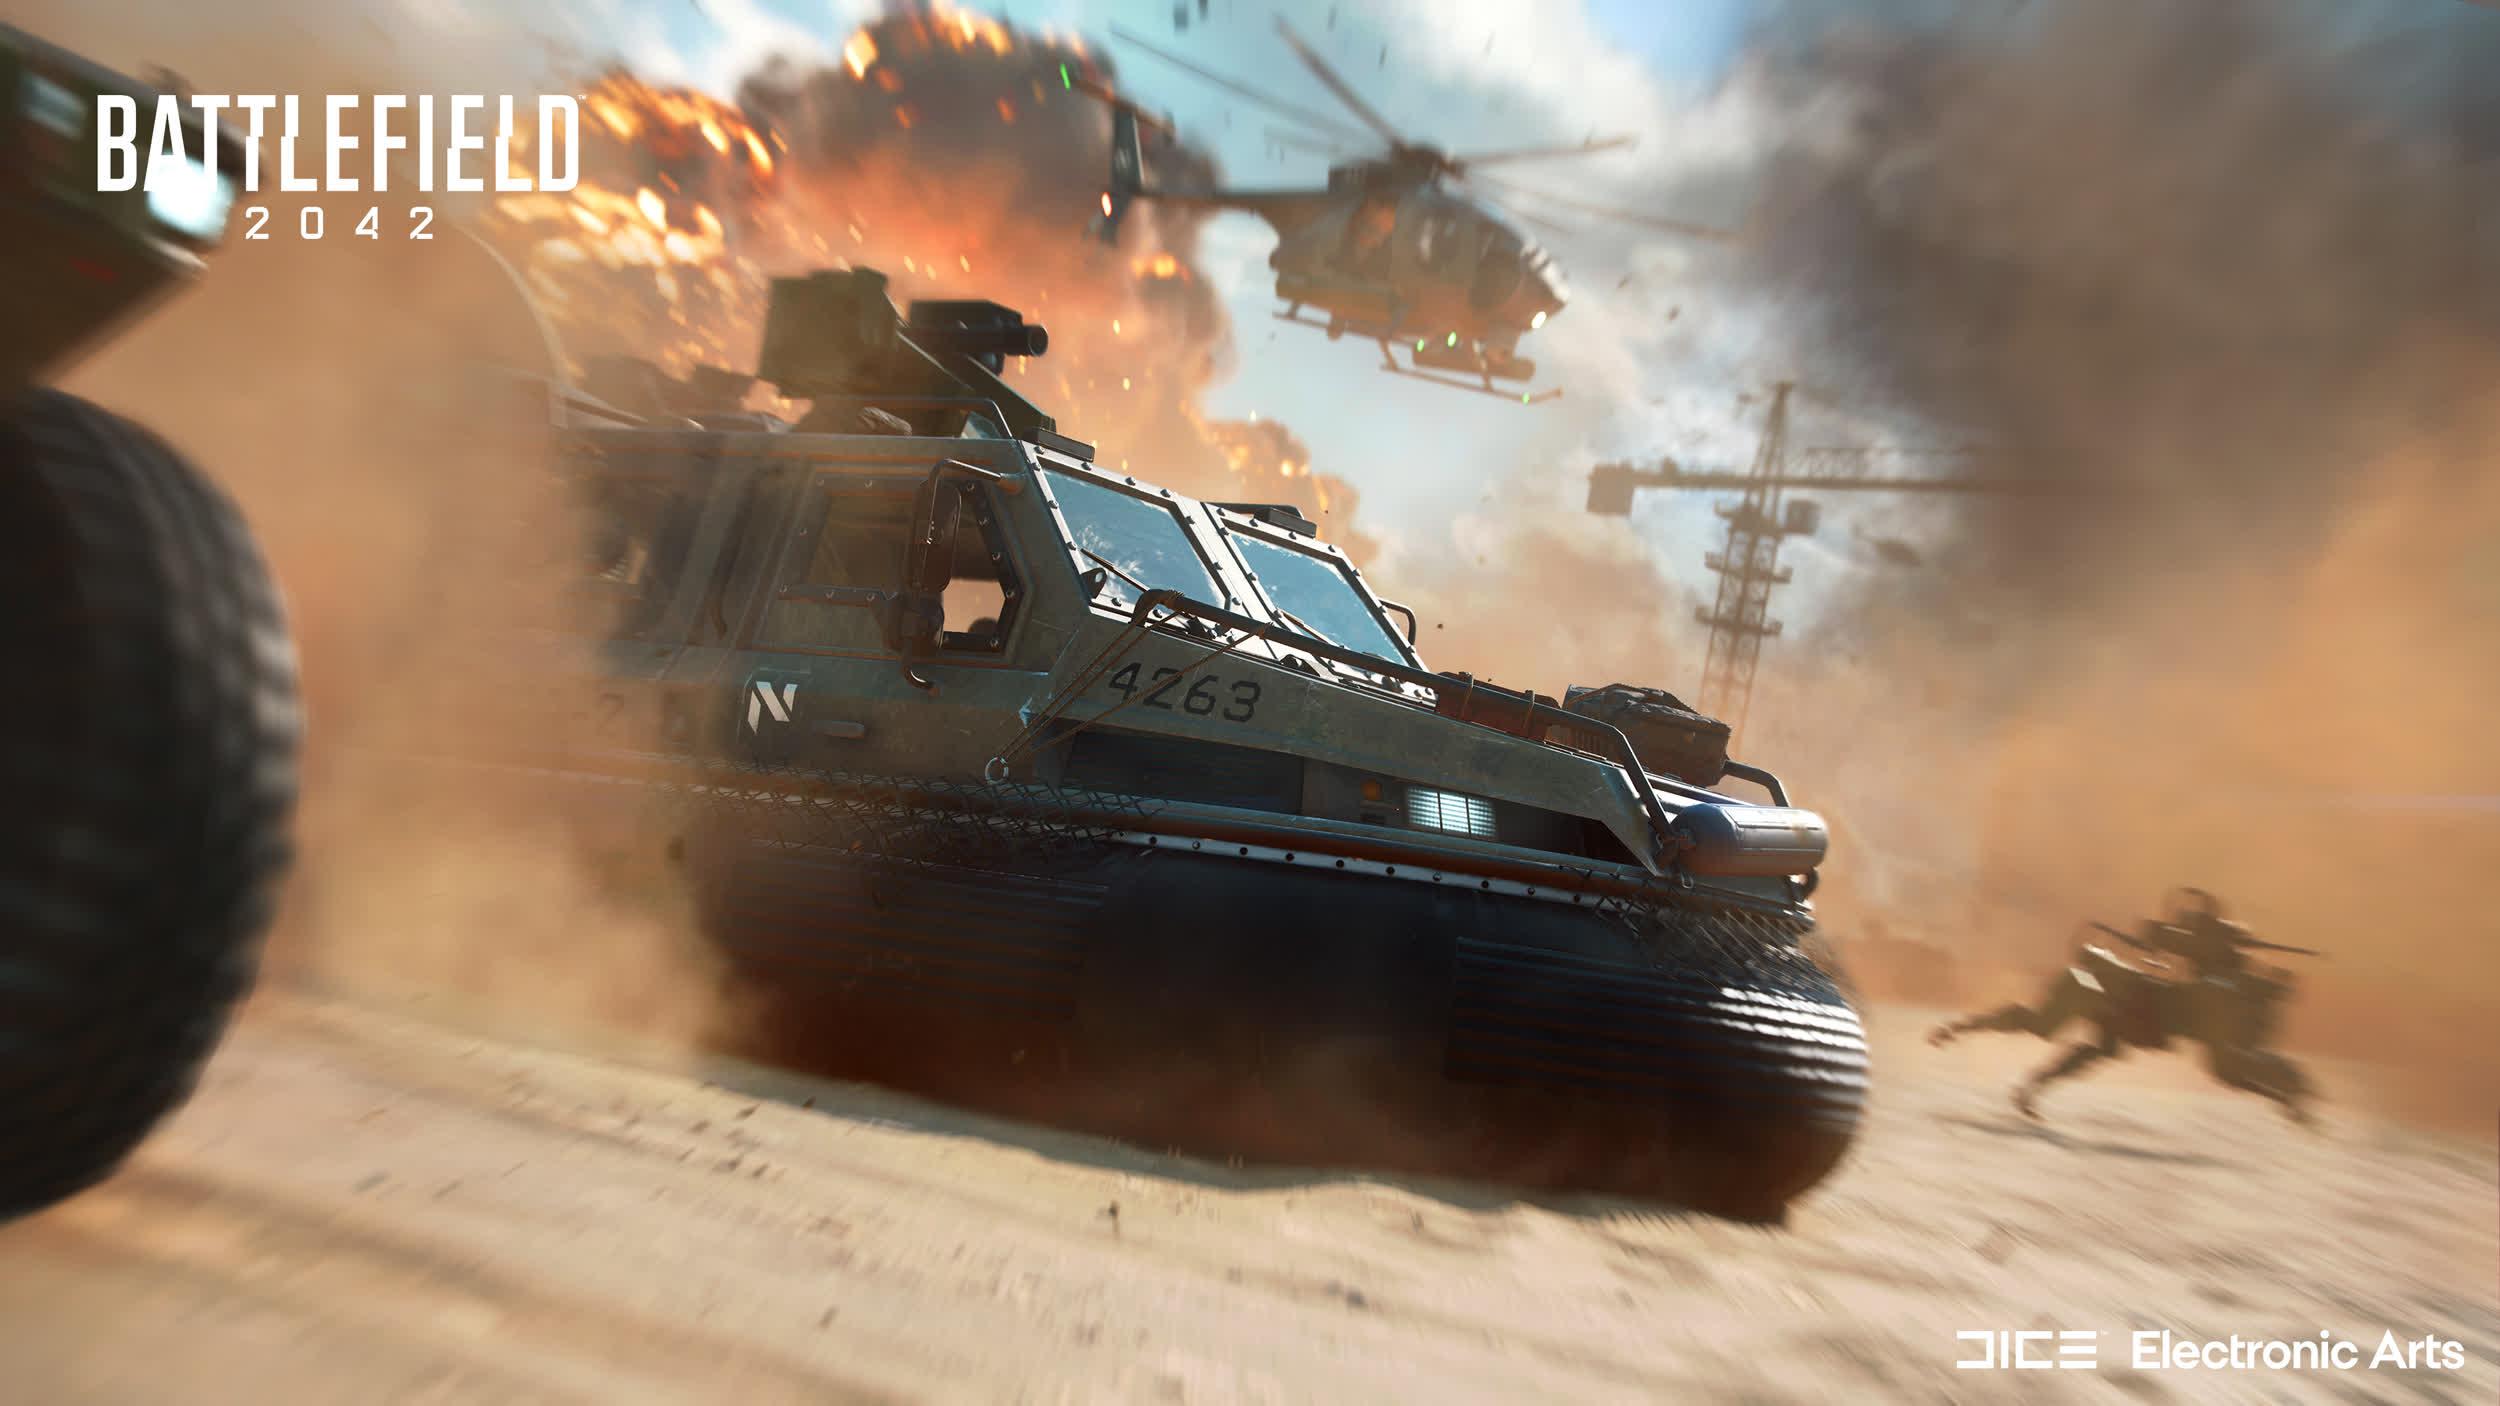 1623255849 585 Battlefield 2042 un jeu de tir multijoueur futuriste avec